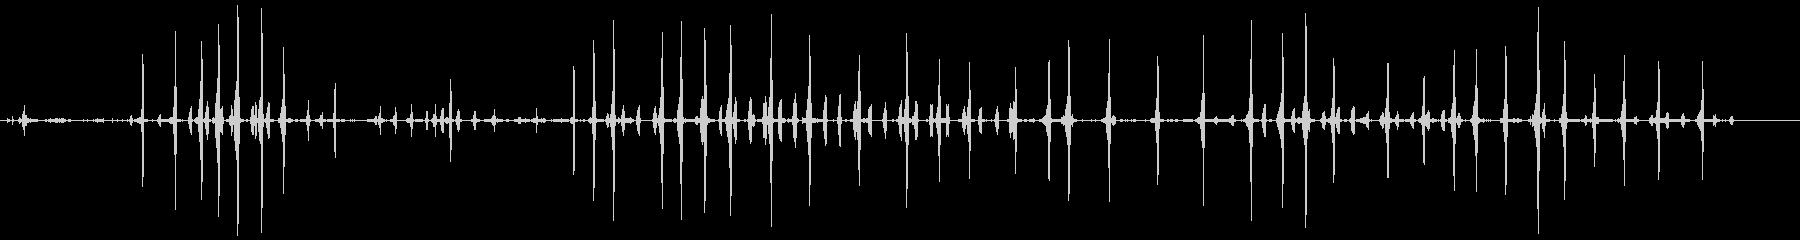 カナダのガチョウ。バックグラウンド...の未再生の波形